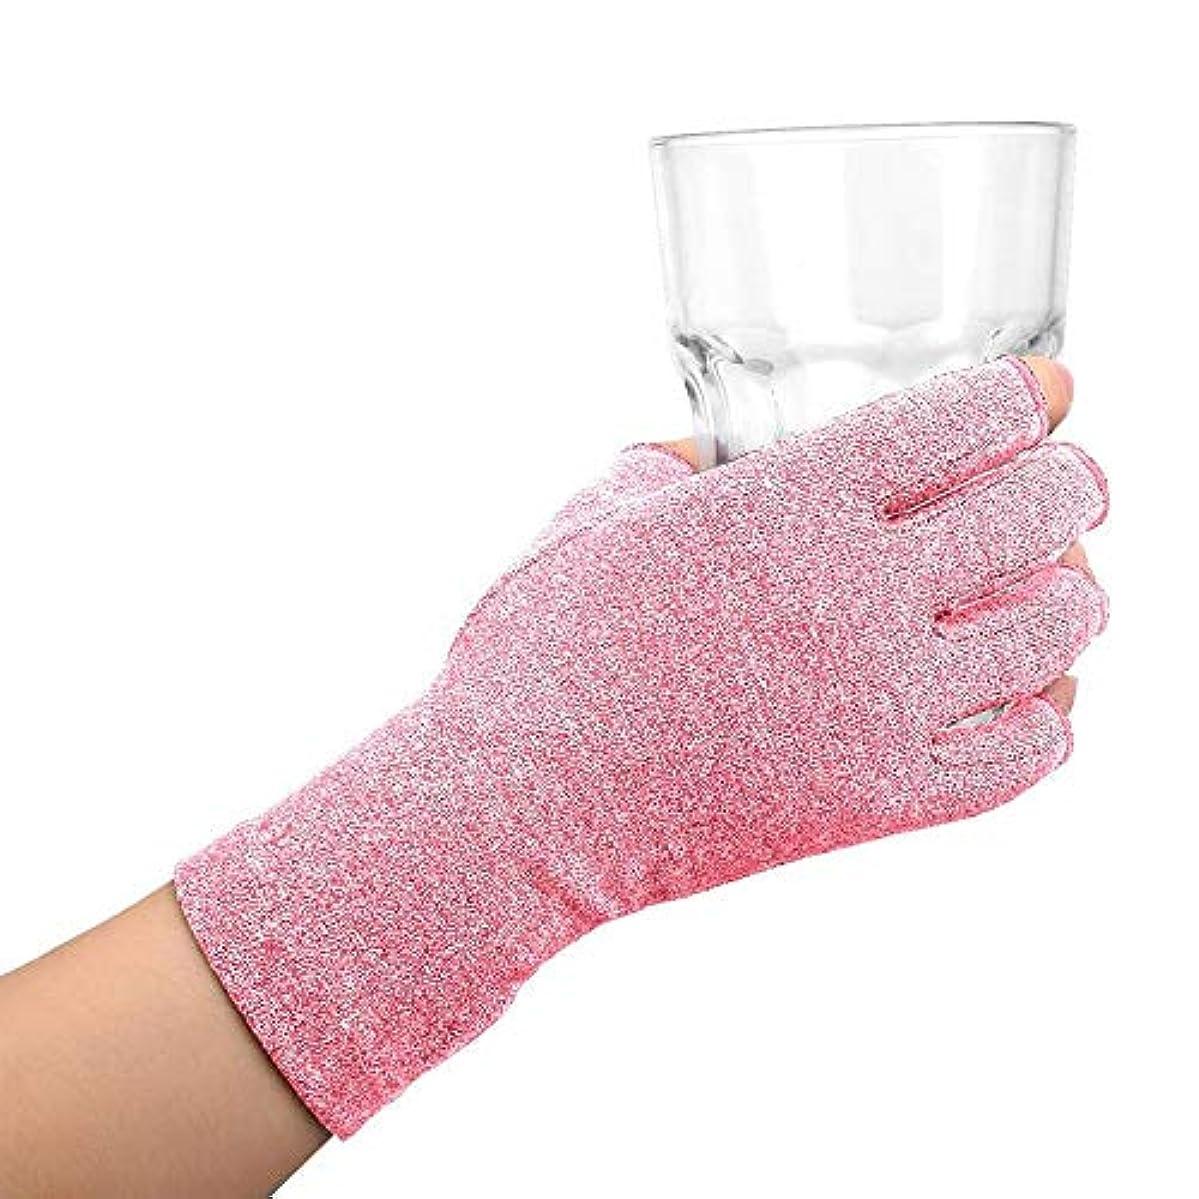 一杯トリップ非常にpink purple women Arthritis Compression Gloves Relieve Pain from Rheumatoid, RSI,Carpal Tunnel, Hand Gloves